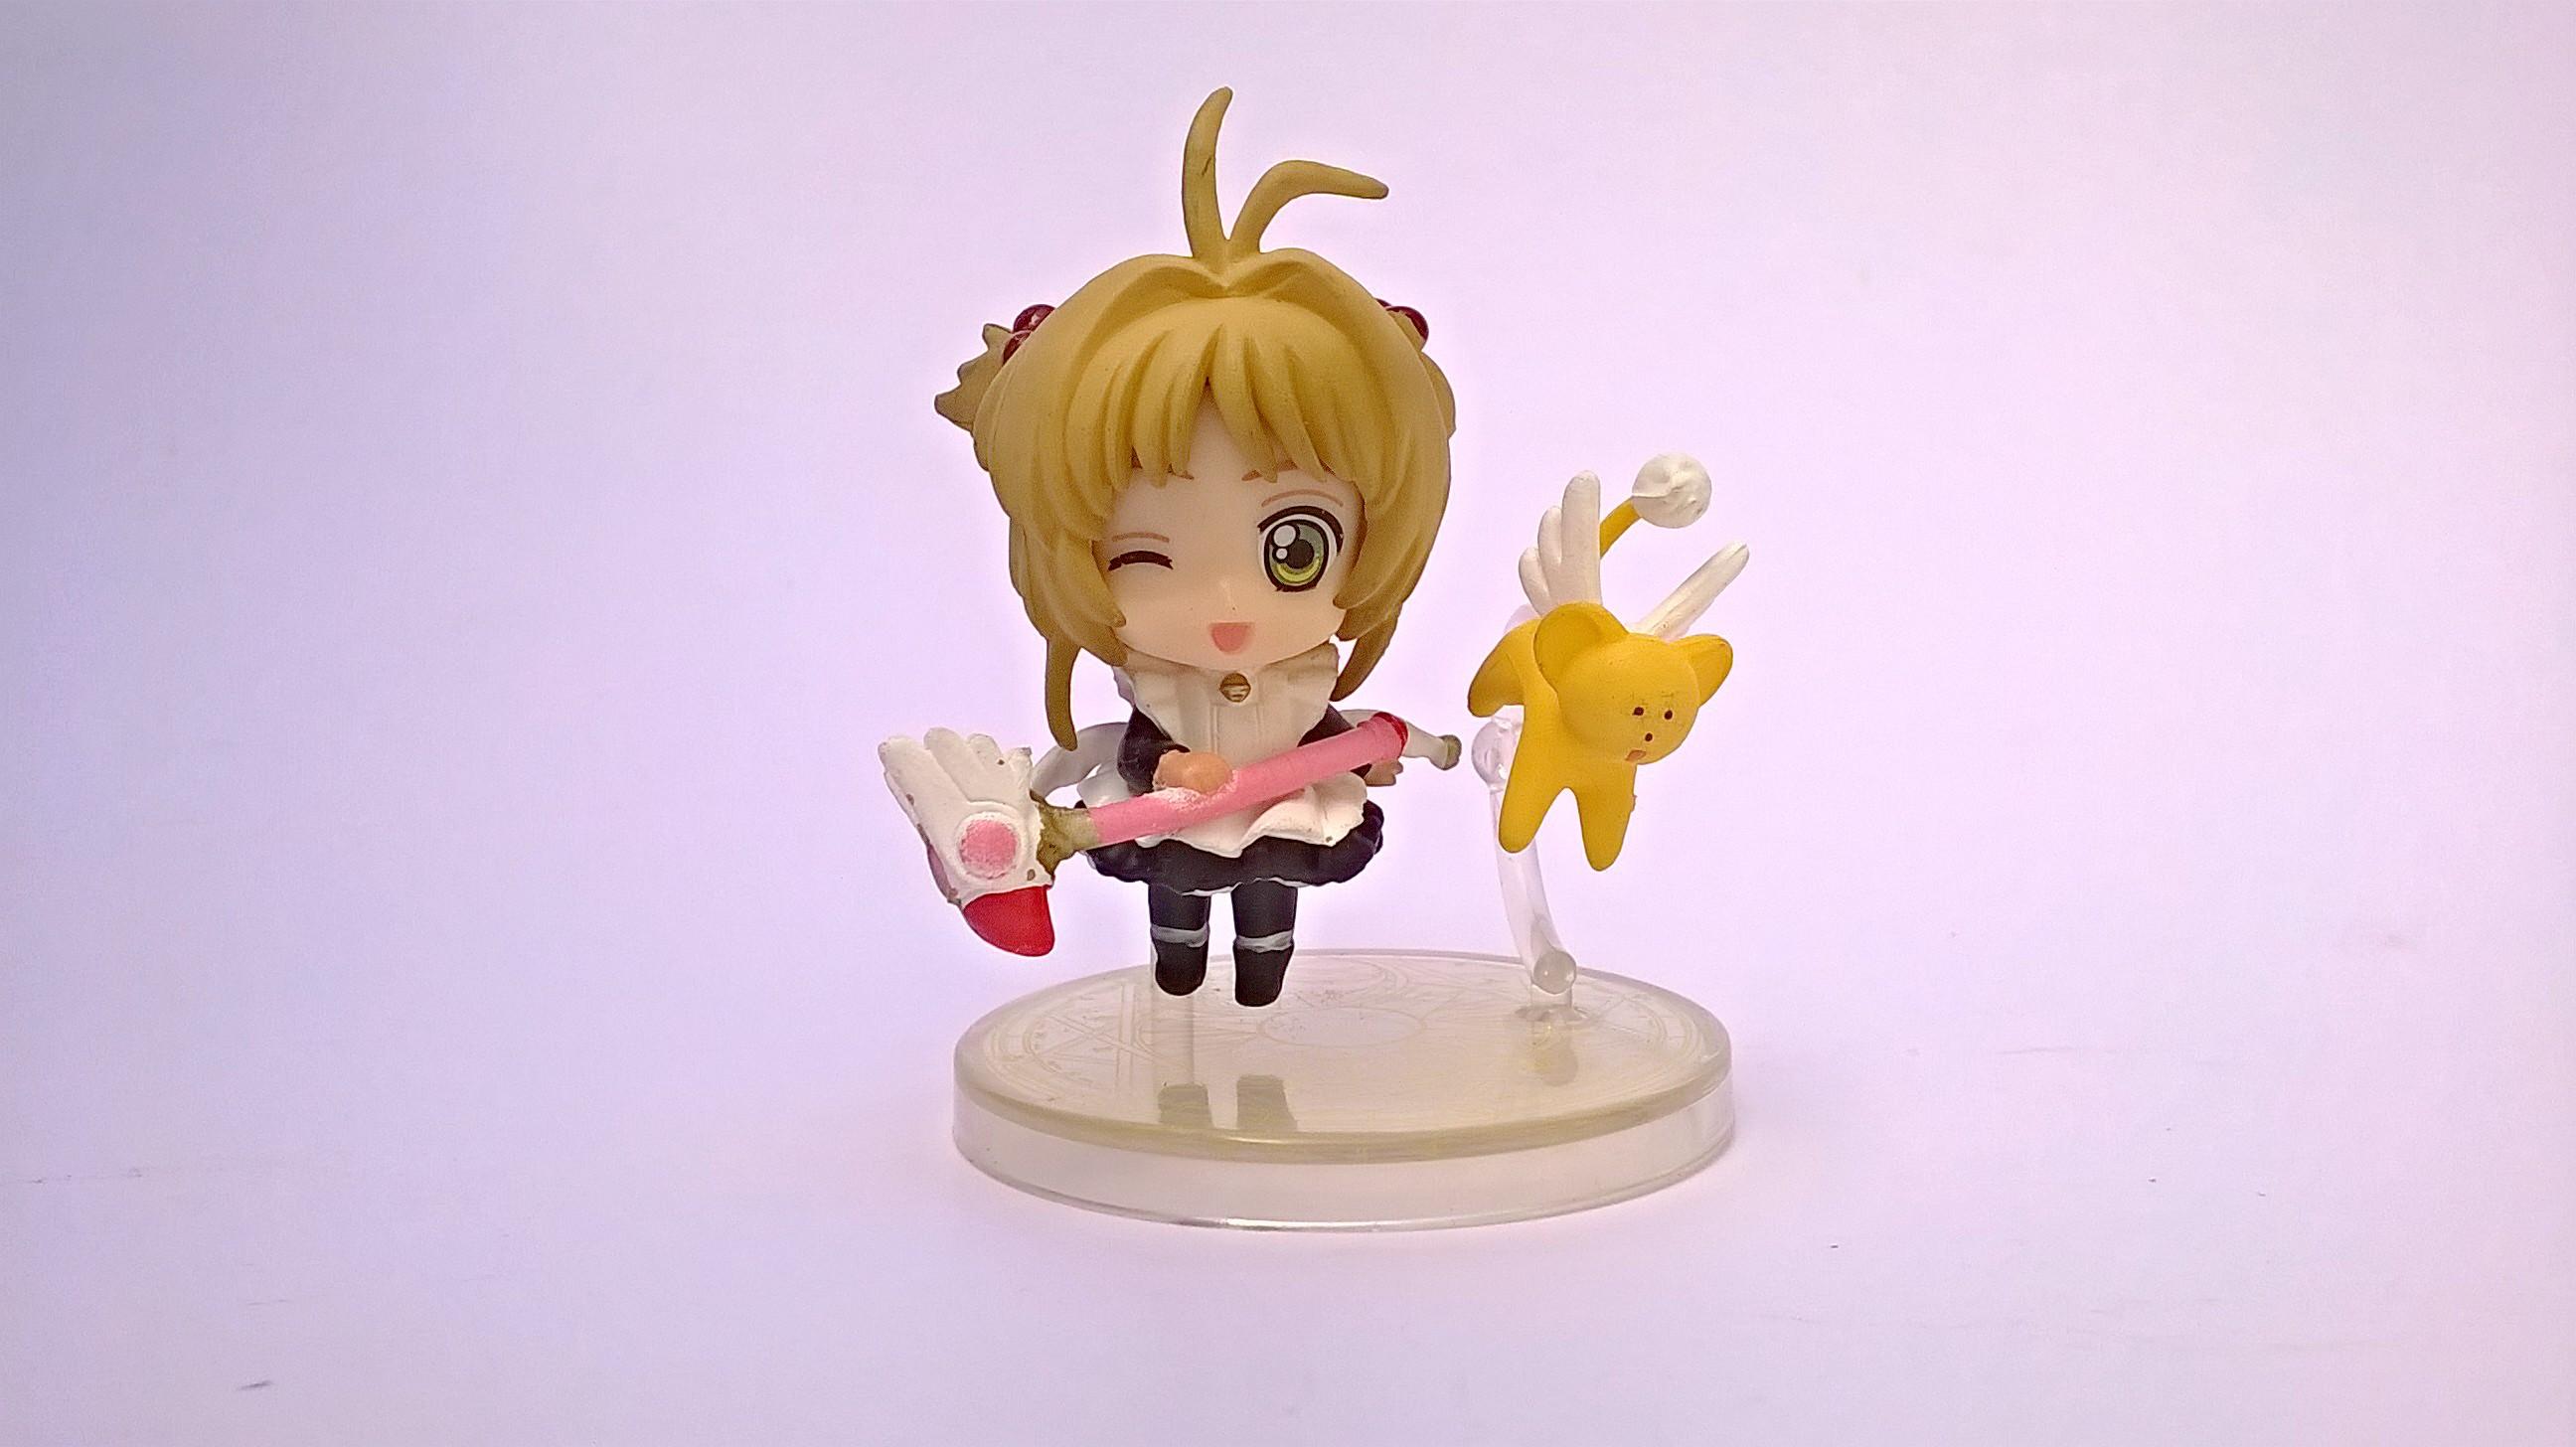 Anime cardcaptor sakura clow tại Baystore, Anime cardcaptor sakura clow hay nhất, tổng hợp những bộ Anime cardcaptor sakura clow hot nhất,có rất nhiều bộ cardcaptor sakura clow khác nhau để lựa chọn